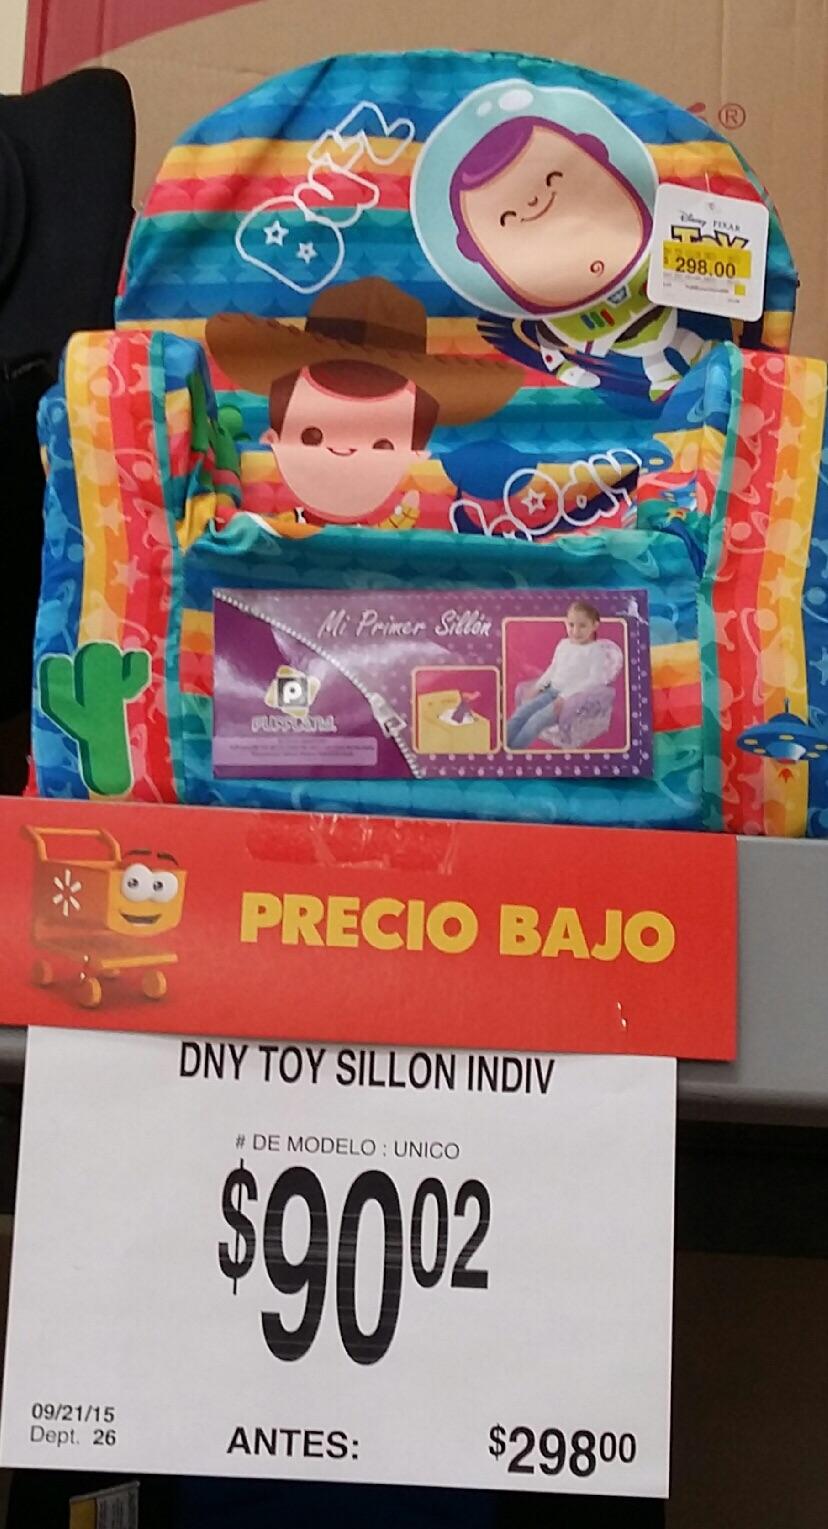 """Walmart: sillón individual de """"Toy story"""" de $298 a $90.02 y funda para tablet hasta 10"""" en $60"""